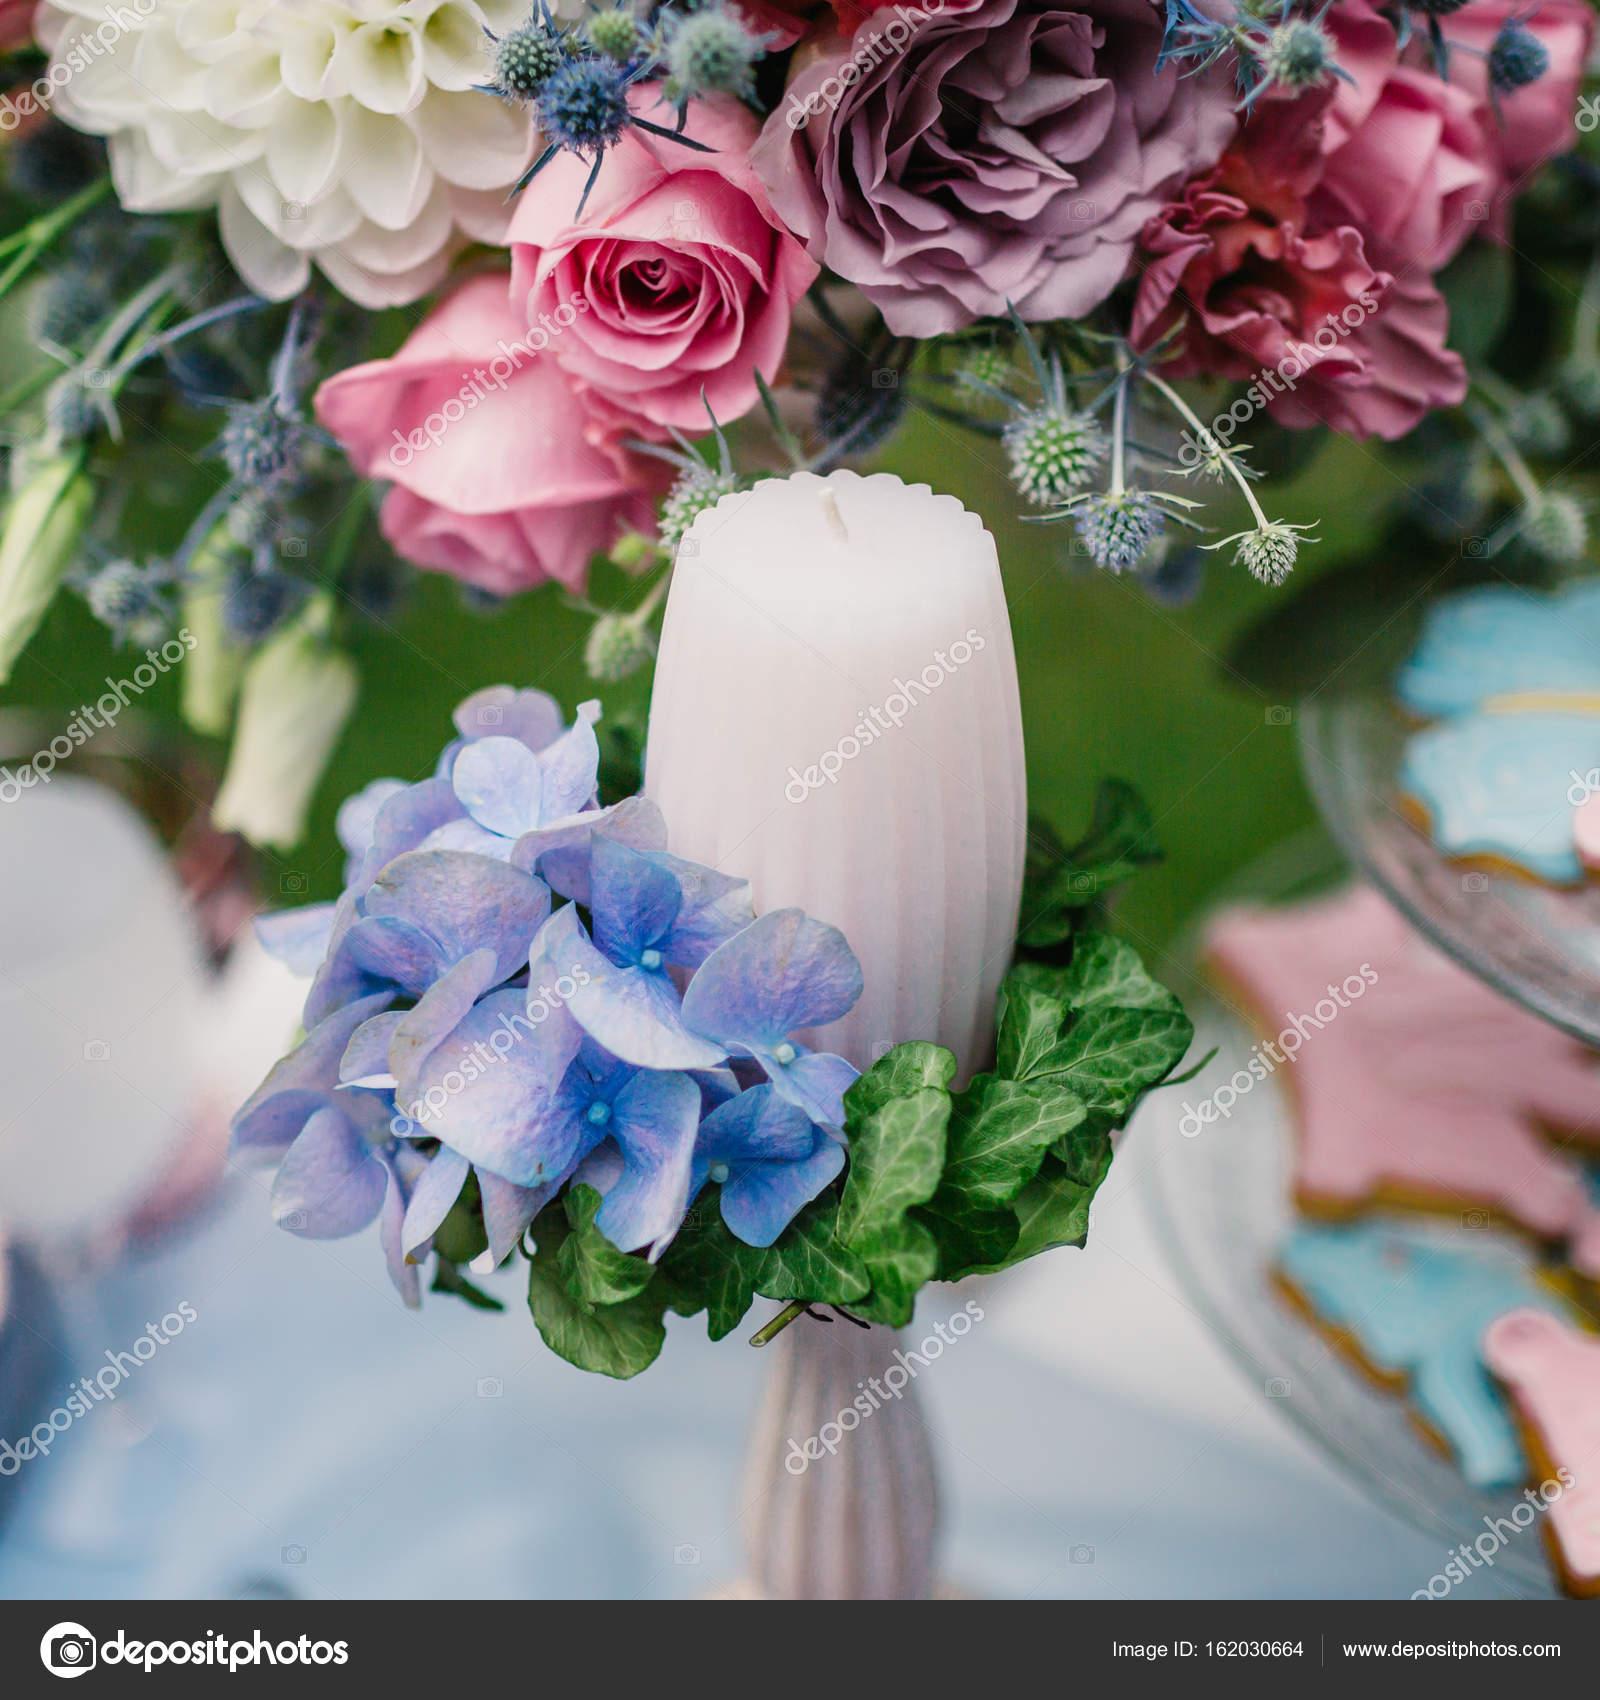 Zdobione świeca Na Tle Na Wiązankę Kwiatów Dekoracje ślubne W Stylu